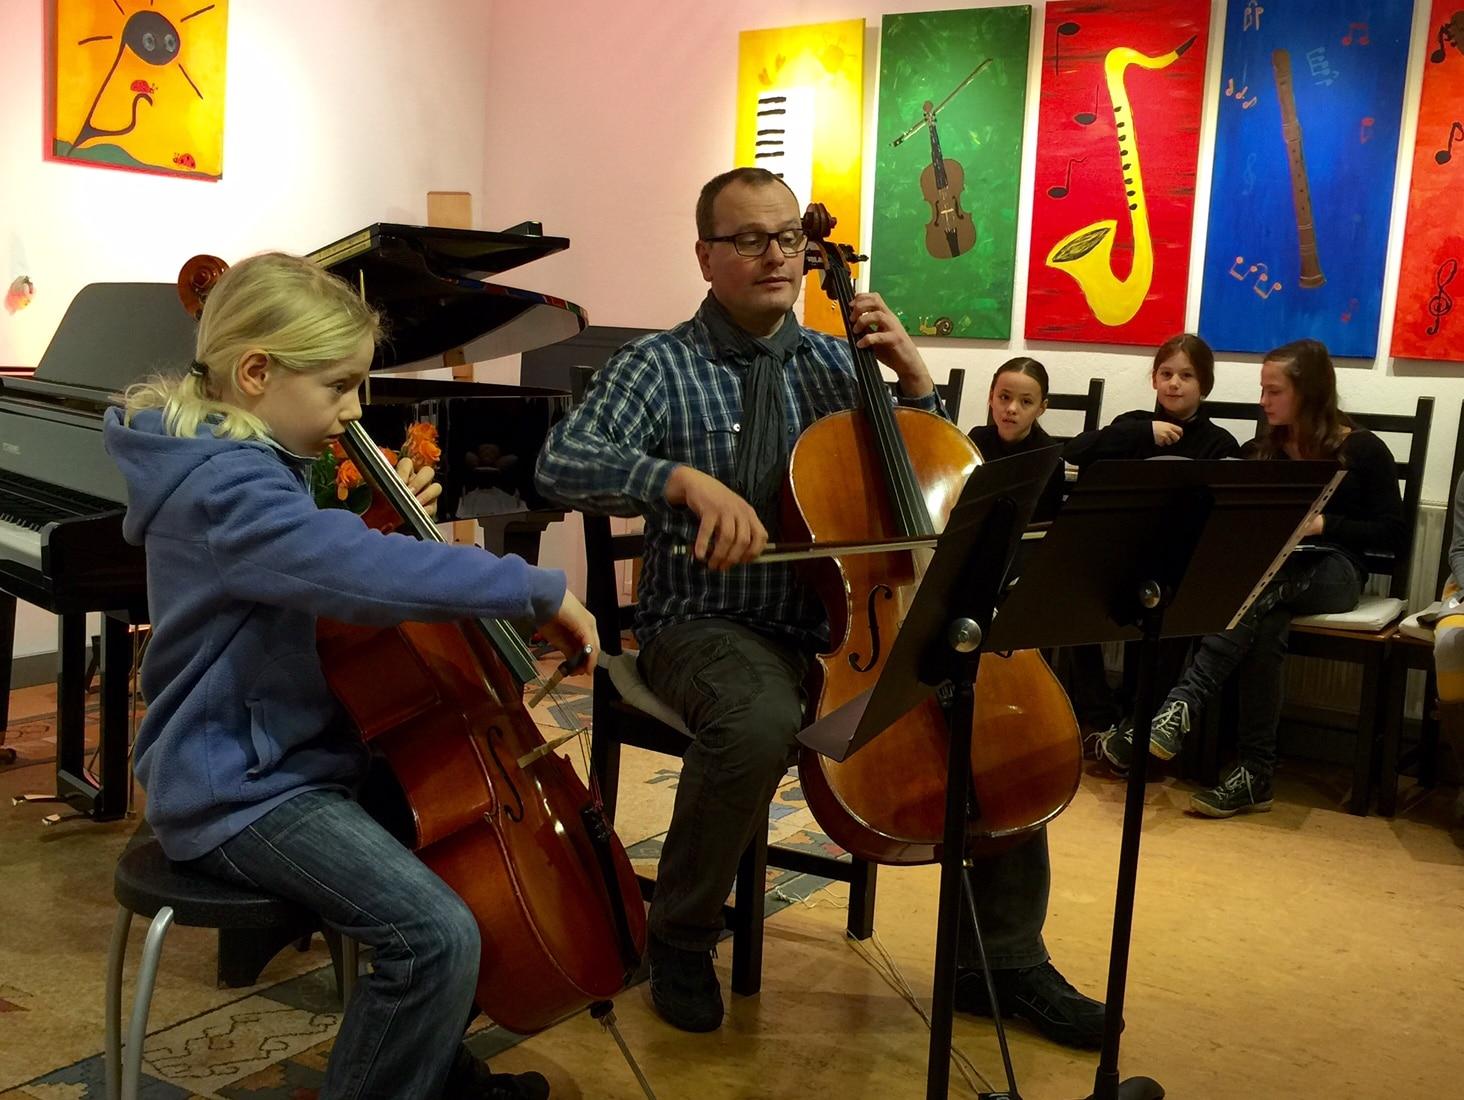 MusiCeum Junge beim Cellounterricht 2016